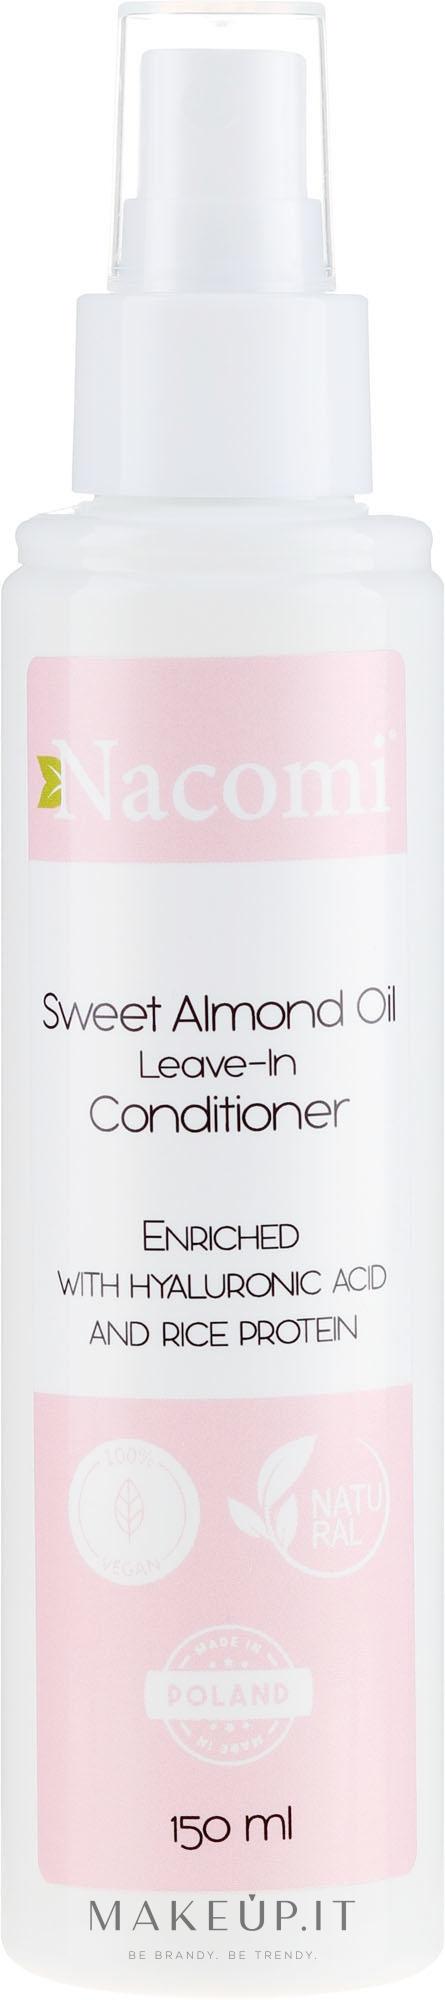 Condizionante per capelli con olio di mandorle, senza risciacquo - Nacomi No-Rinse With Sweet Almond & Hyaluronic Acid Conditioner — foto 150 ml